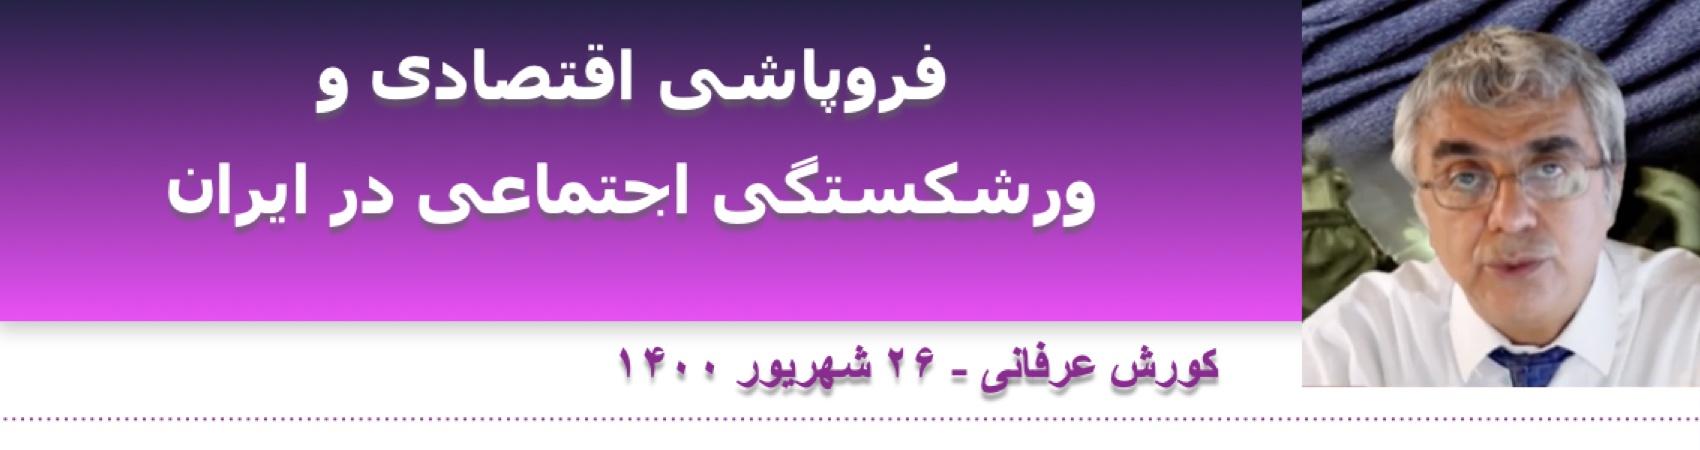 فروپاشی اقتصادی و ورشکستگی اجتماعی در ایران 